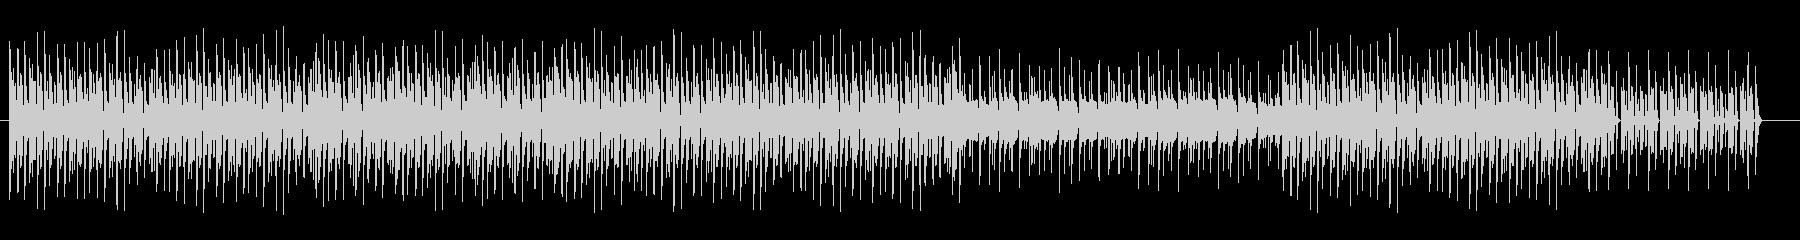 楽しげなマリンバのトロピカルサンバの未再生の波形